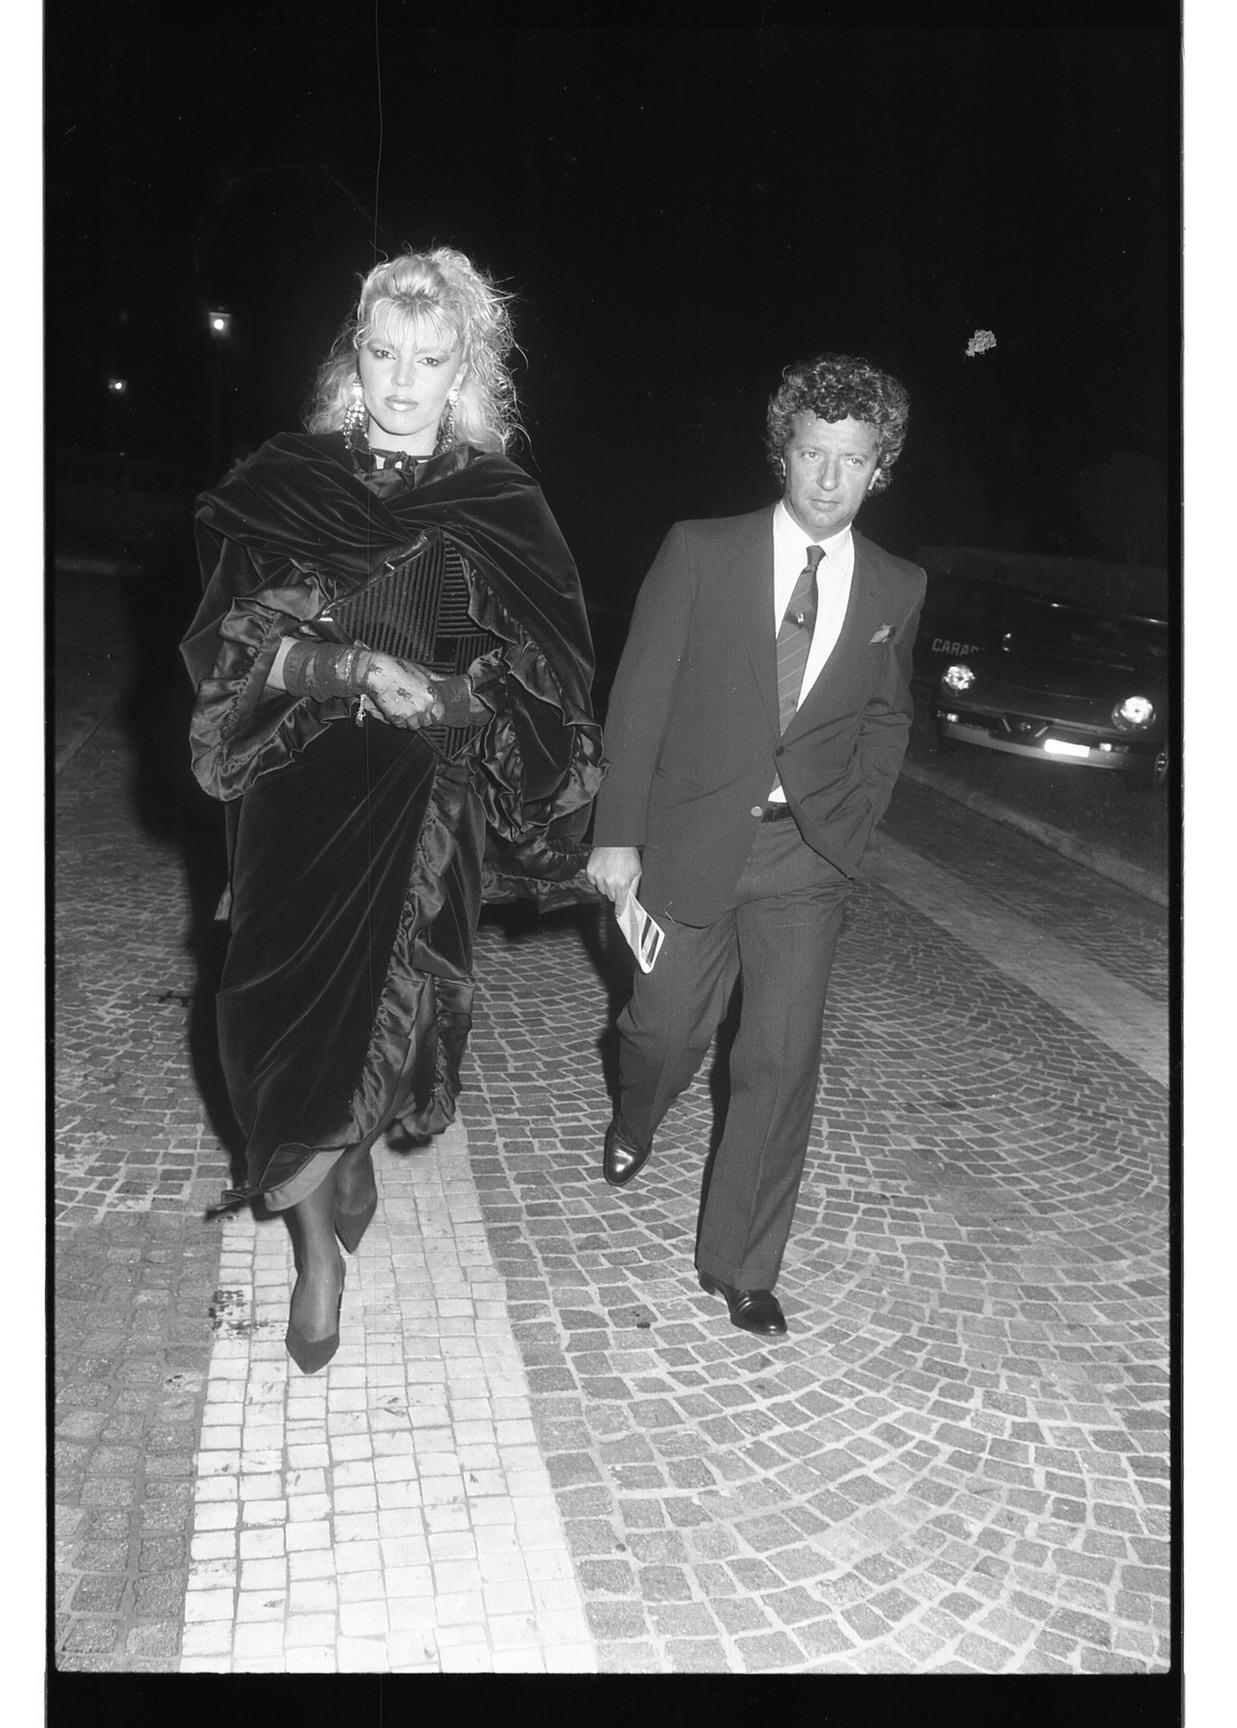 Rita Rusic, Vittorio Cecchi Gori, 1984